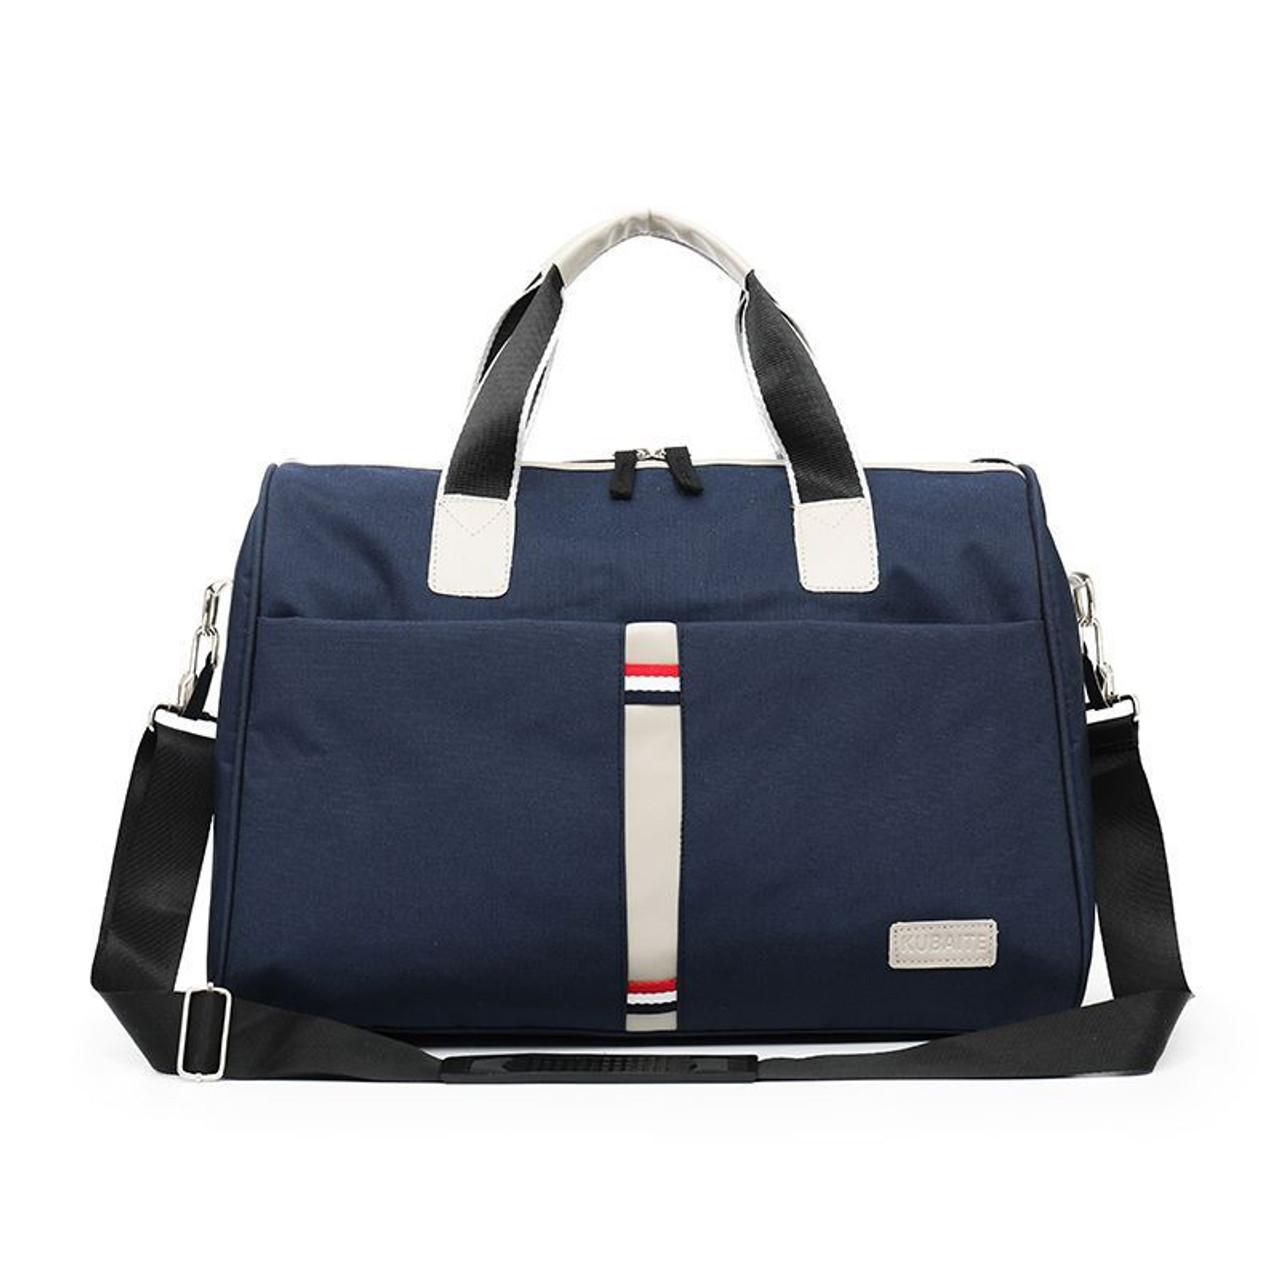 Gym Bag Sports Holdall Blue Rose Canvas Shoulder Bag Overnight Travel Bag for Men and Women